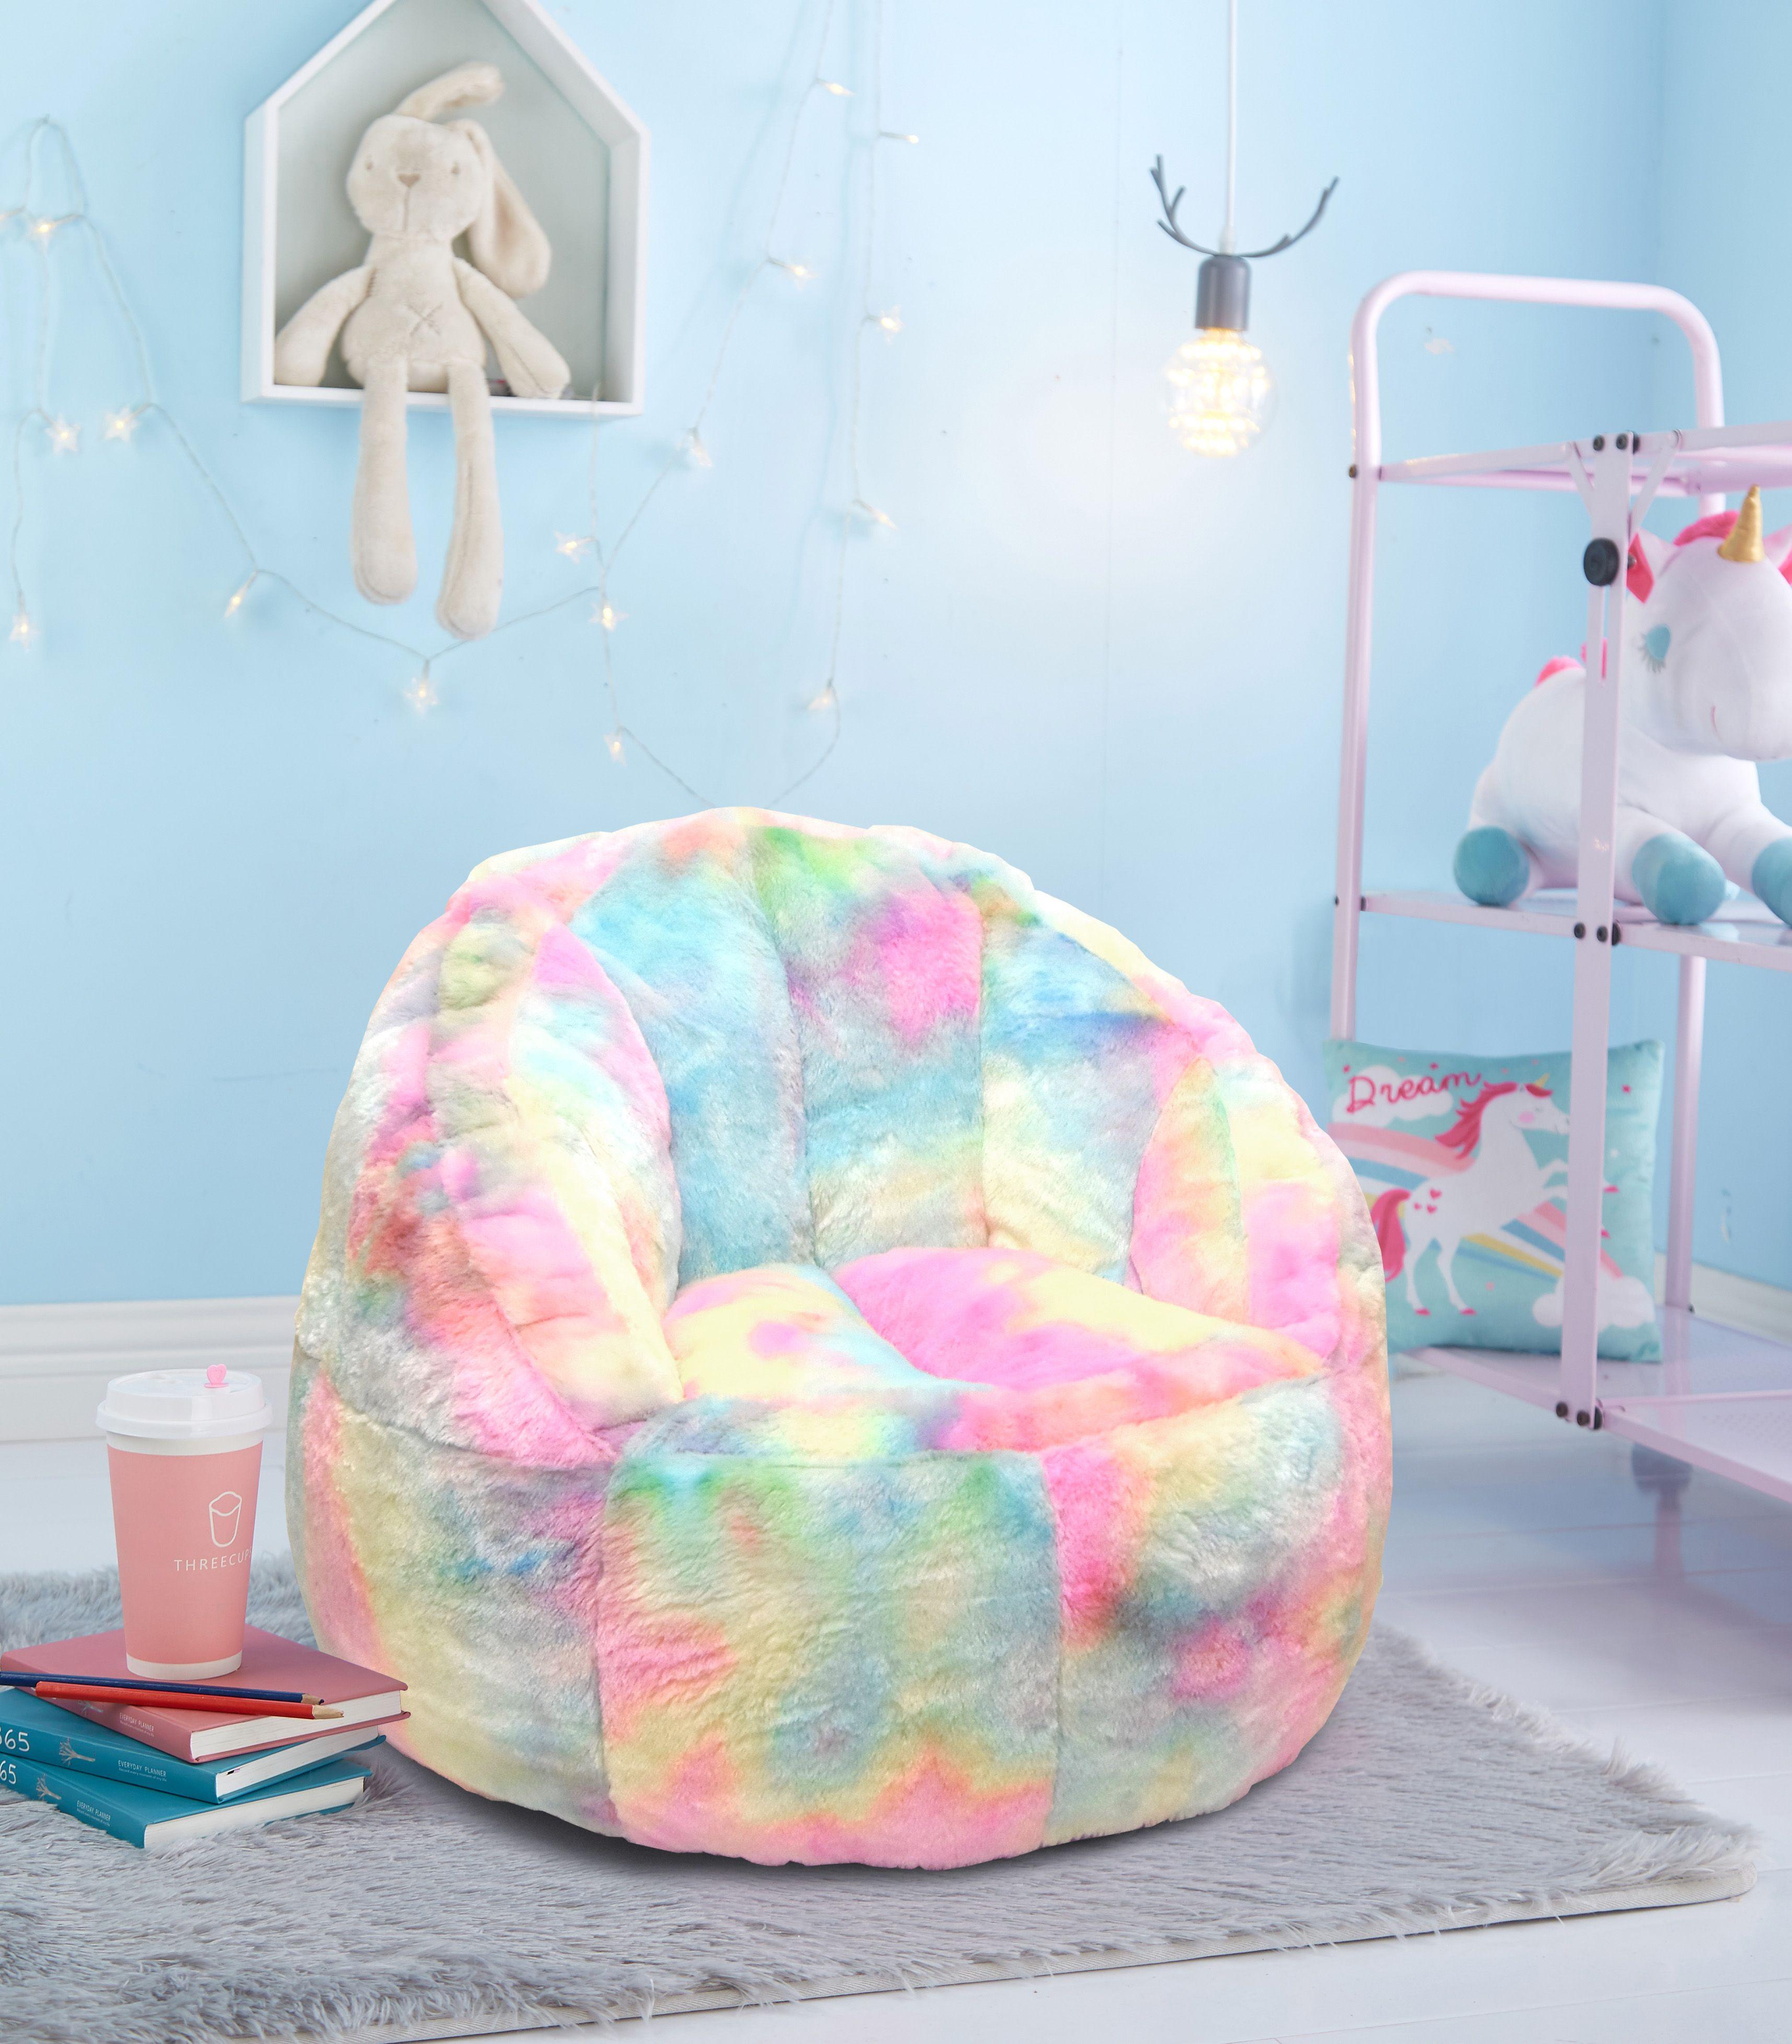 Heritage Club Rainbow Faux Fur Bean Bag Chair Pastel Tie Dye Walmart Com In 2020 Bean Bag Chair Small Bean Bag Chairs Bean Bag Chair Kids